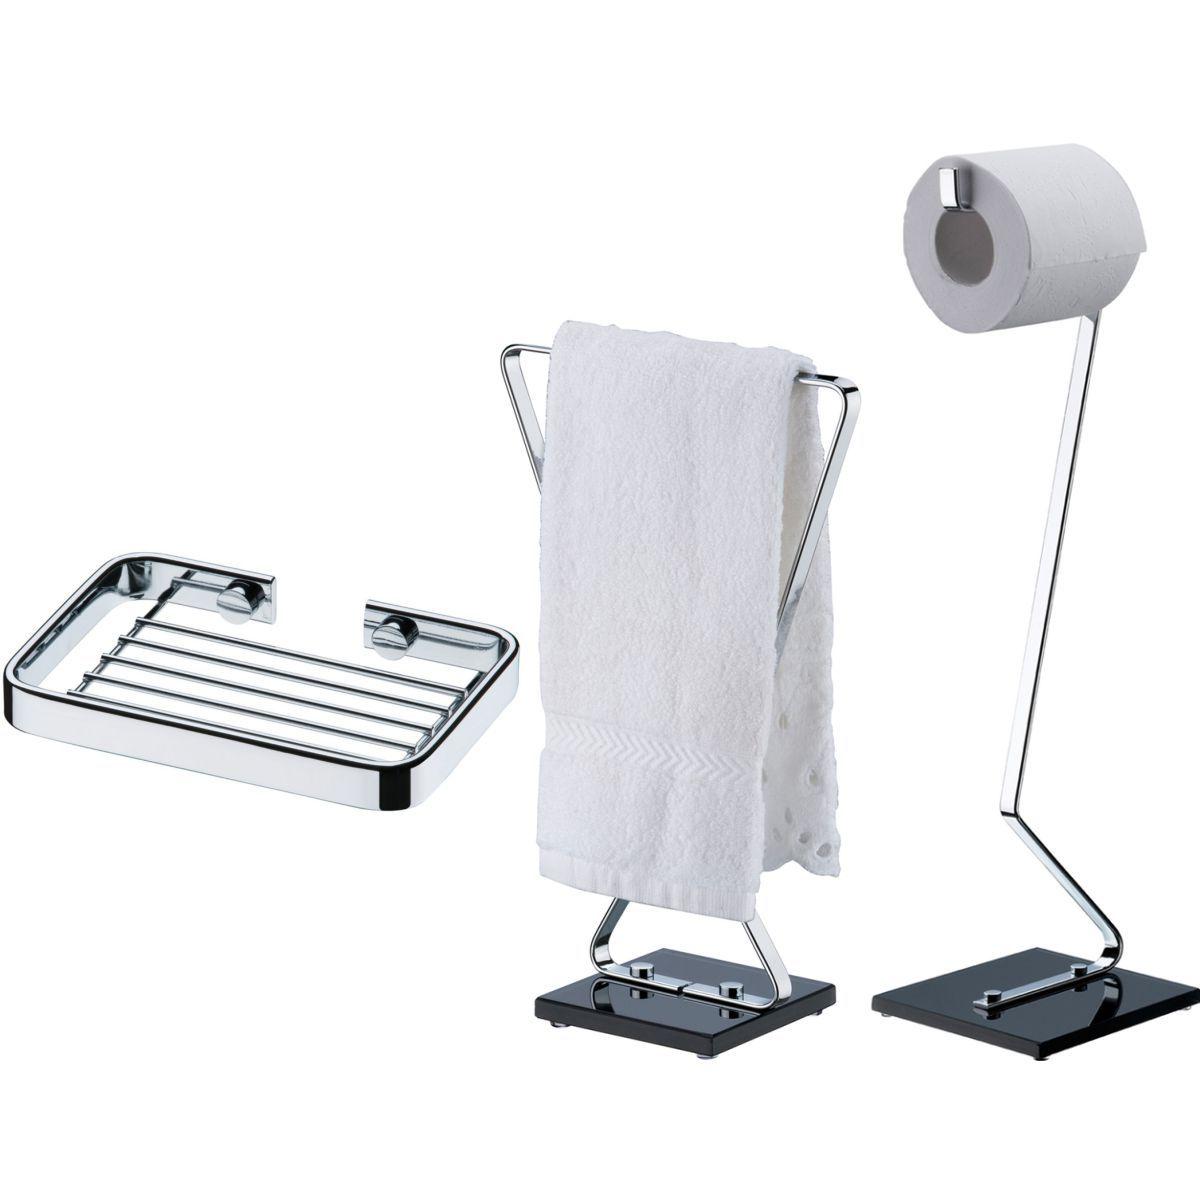 Suportes Banheiro Papeleira de Chão Toalheiro Bancada Saboneteira